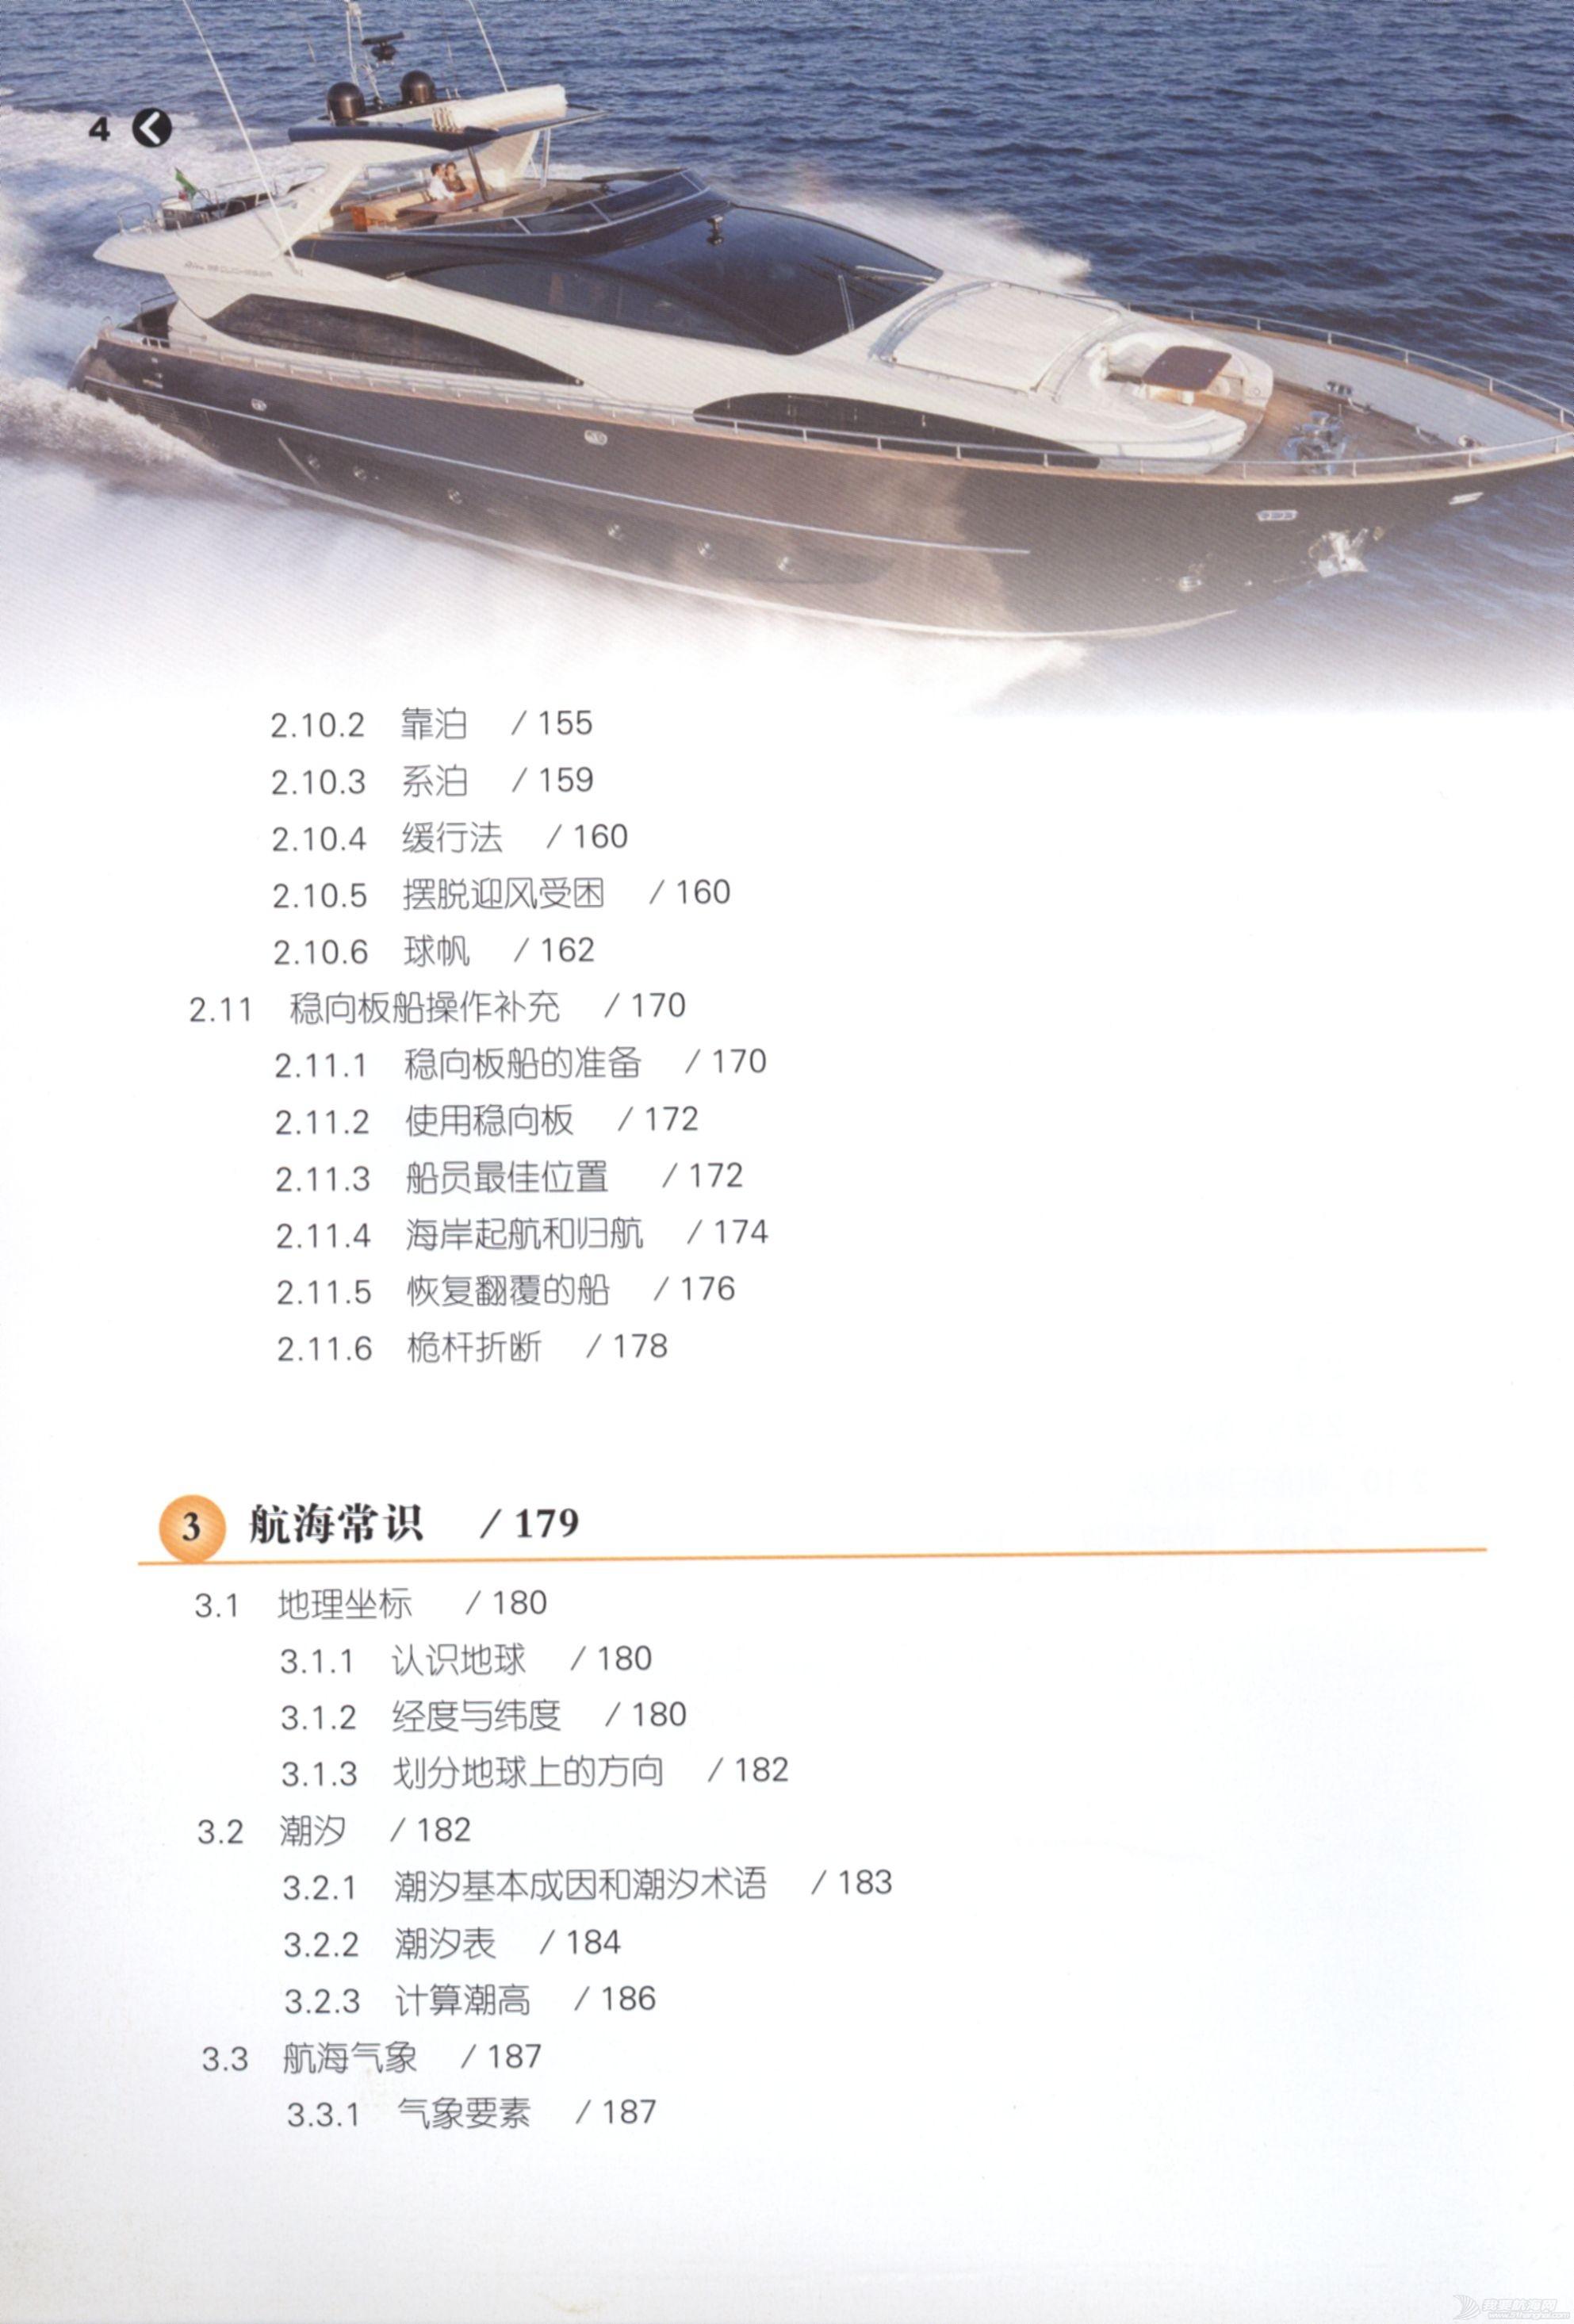 培训教材,TXT下载,帆船,技术 《游艇与帆船操作培训教材》 PDF下载 TXT下载 帆船技术 航海教材 4.jpg